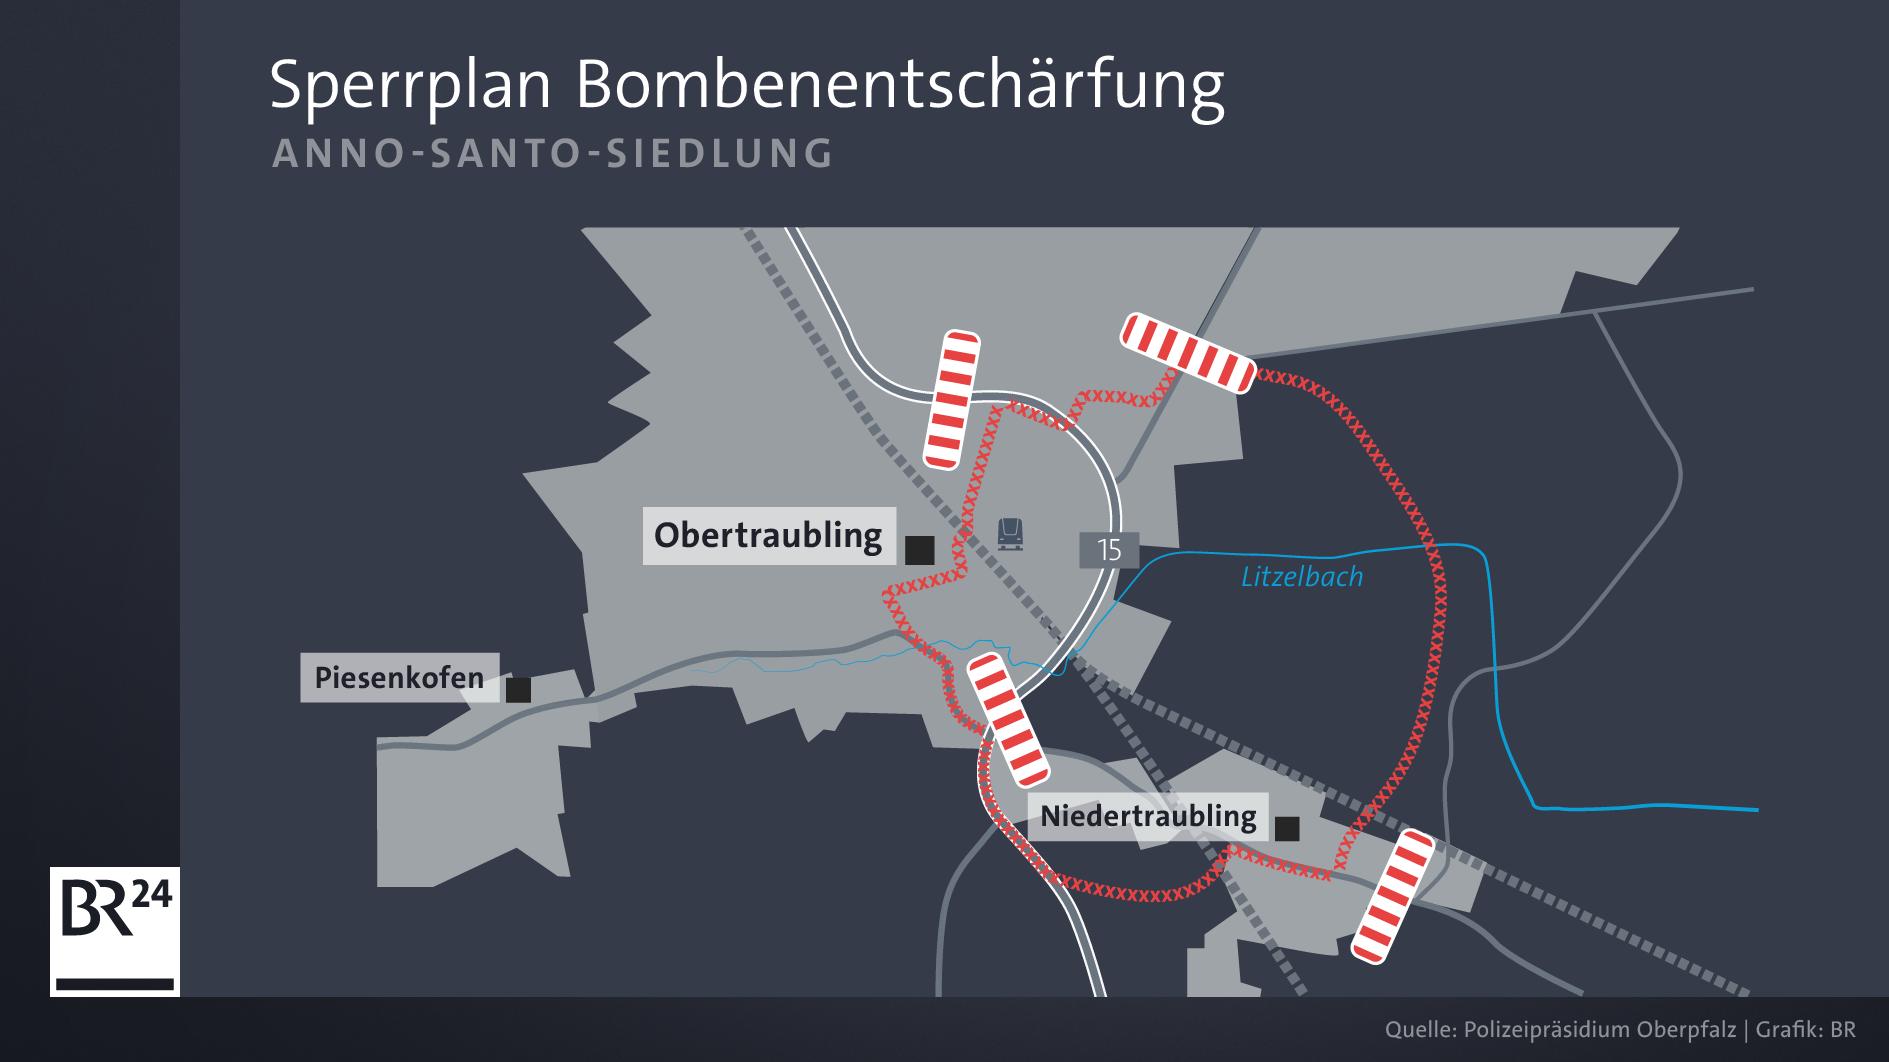 Die Polizei hat einen Sperrradius von 700 Metern rund um den Fundort ausgewiesen. Hier sollen die Bürger ihre Wohnungen räumen.